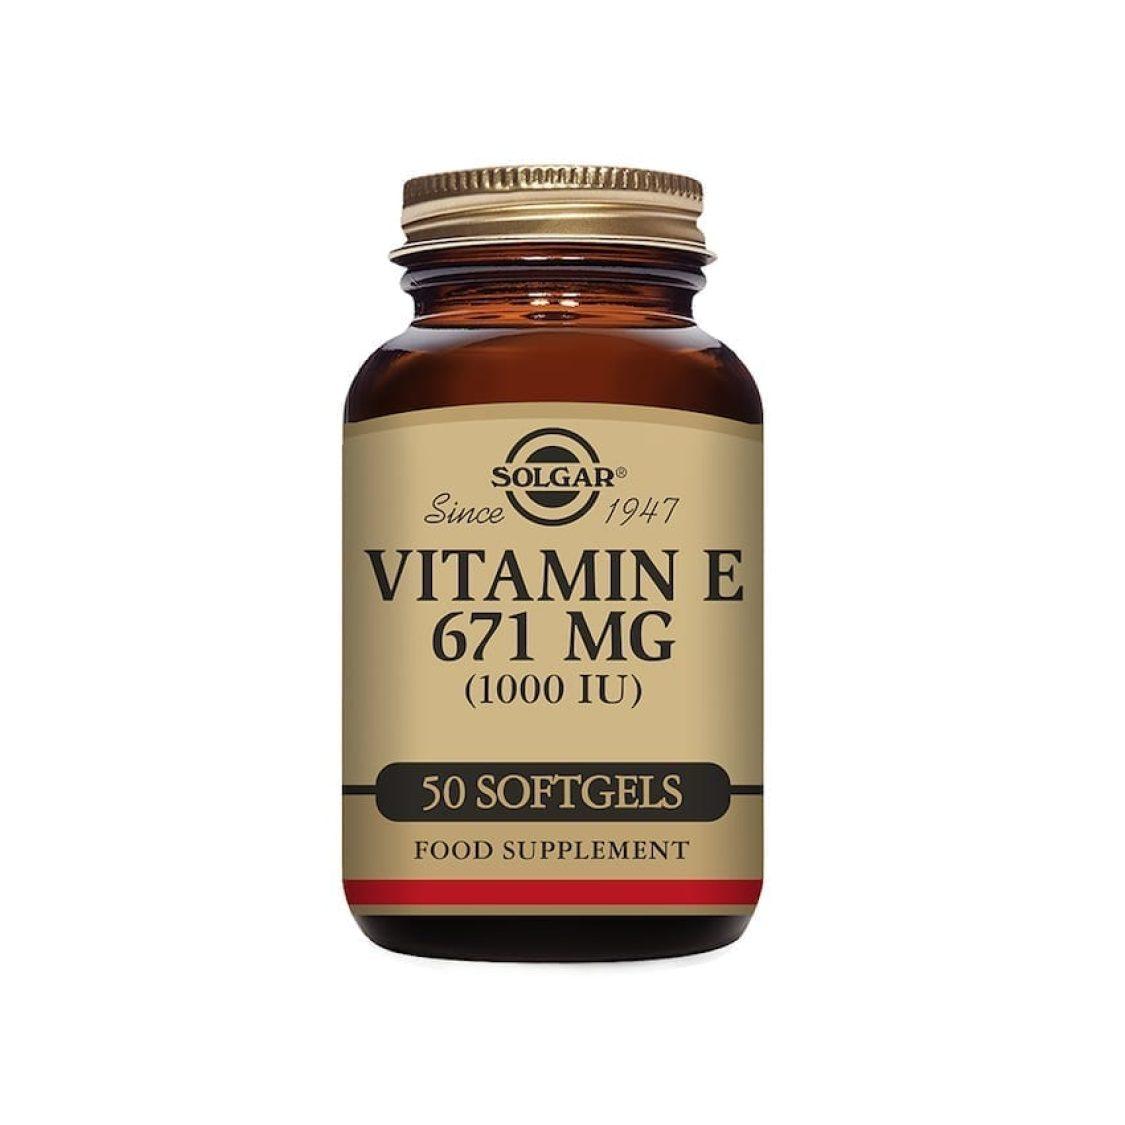 Solgar - Natural Vitamin E - Vitamin E 1000iu Vegi softgel  - Size: 50